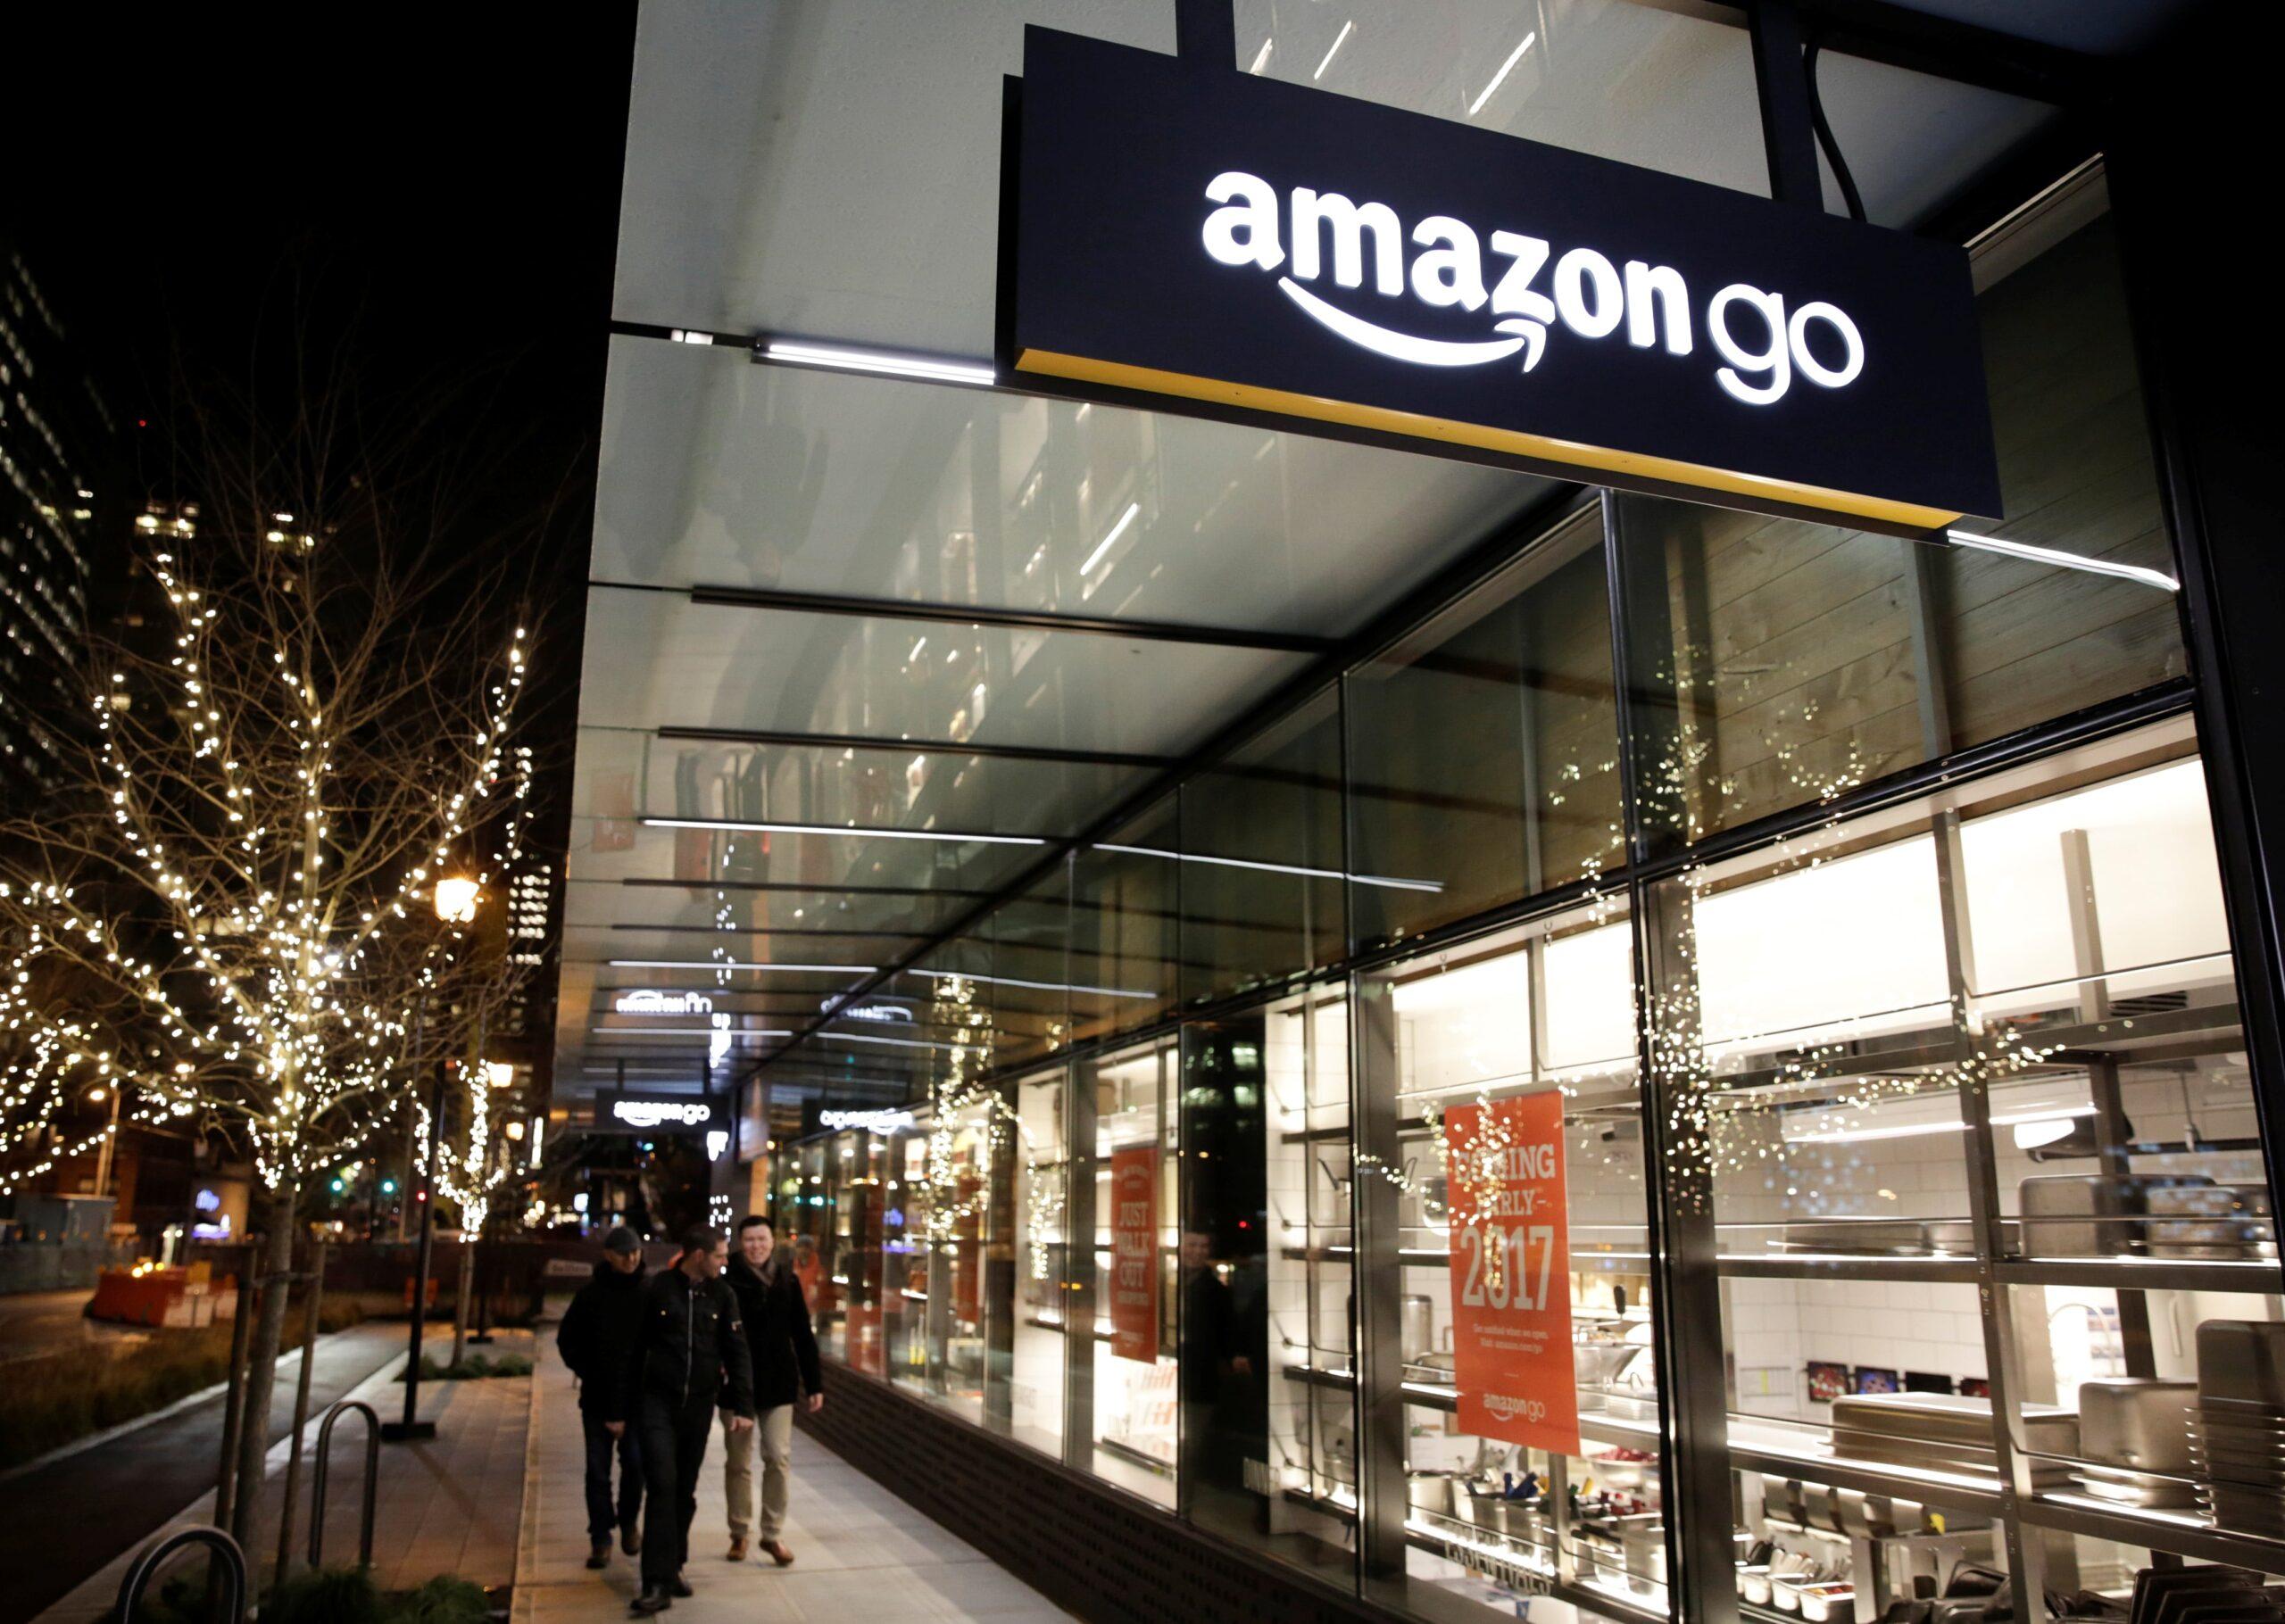 El próximo objetivo de Amazon son las tiendas físicas